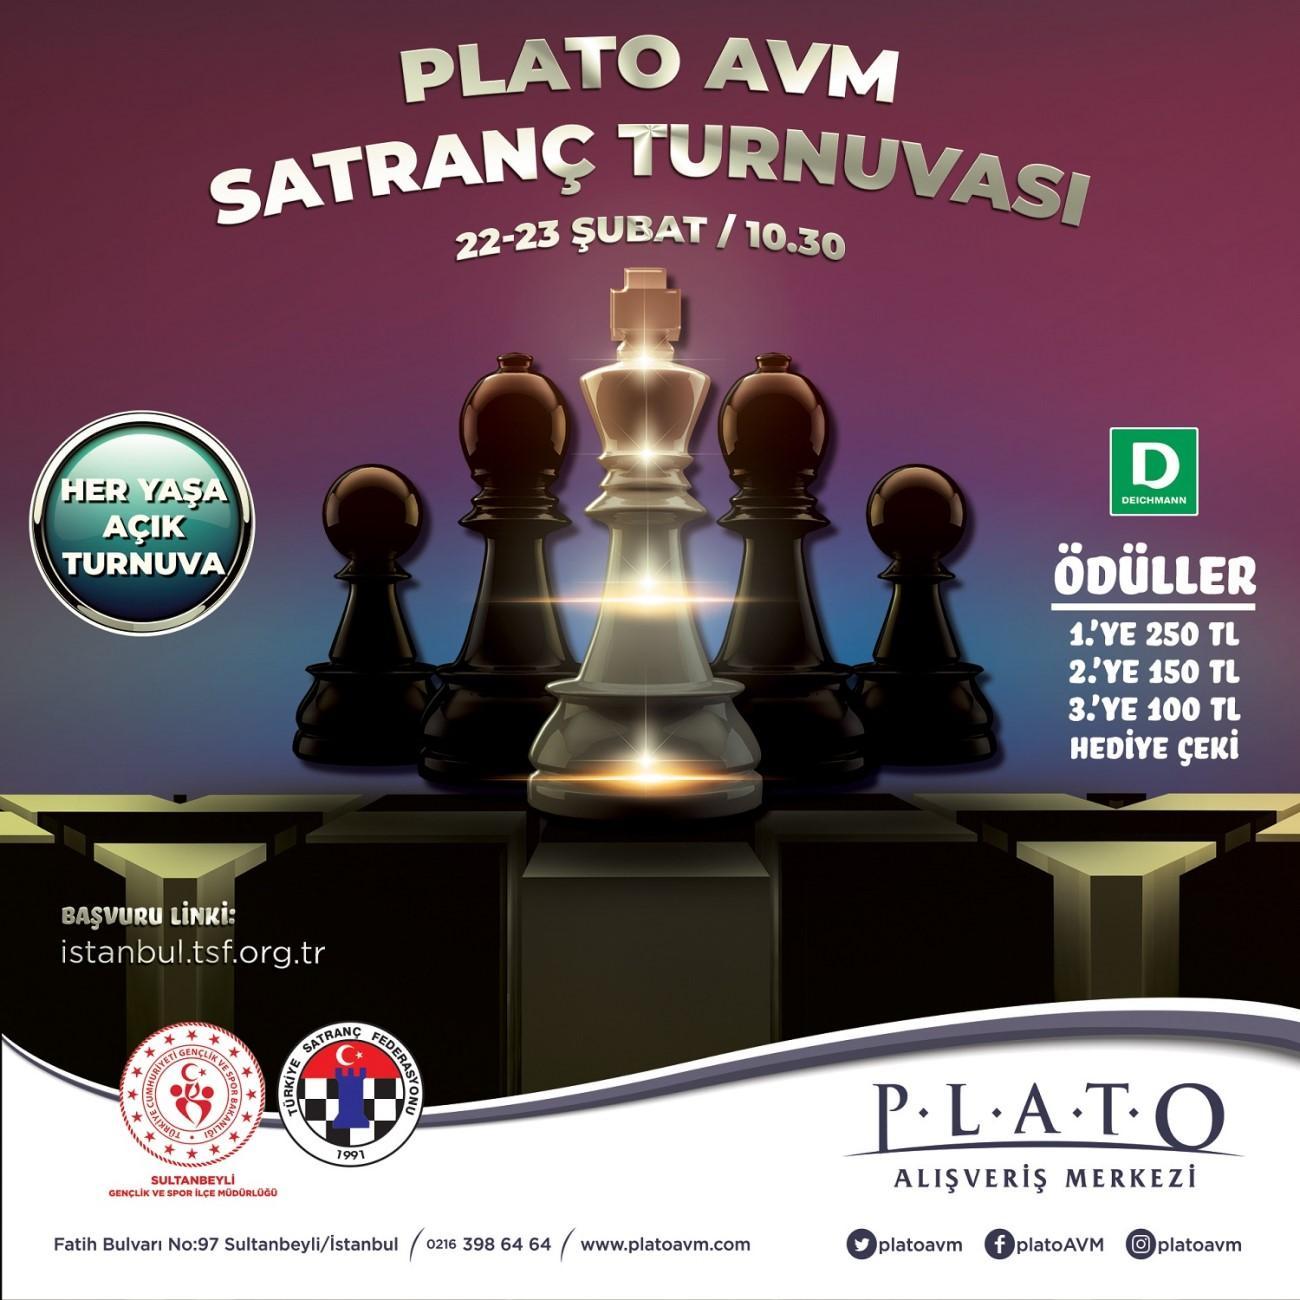 Satranç turnuvalarının adresi Plato AVM